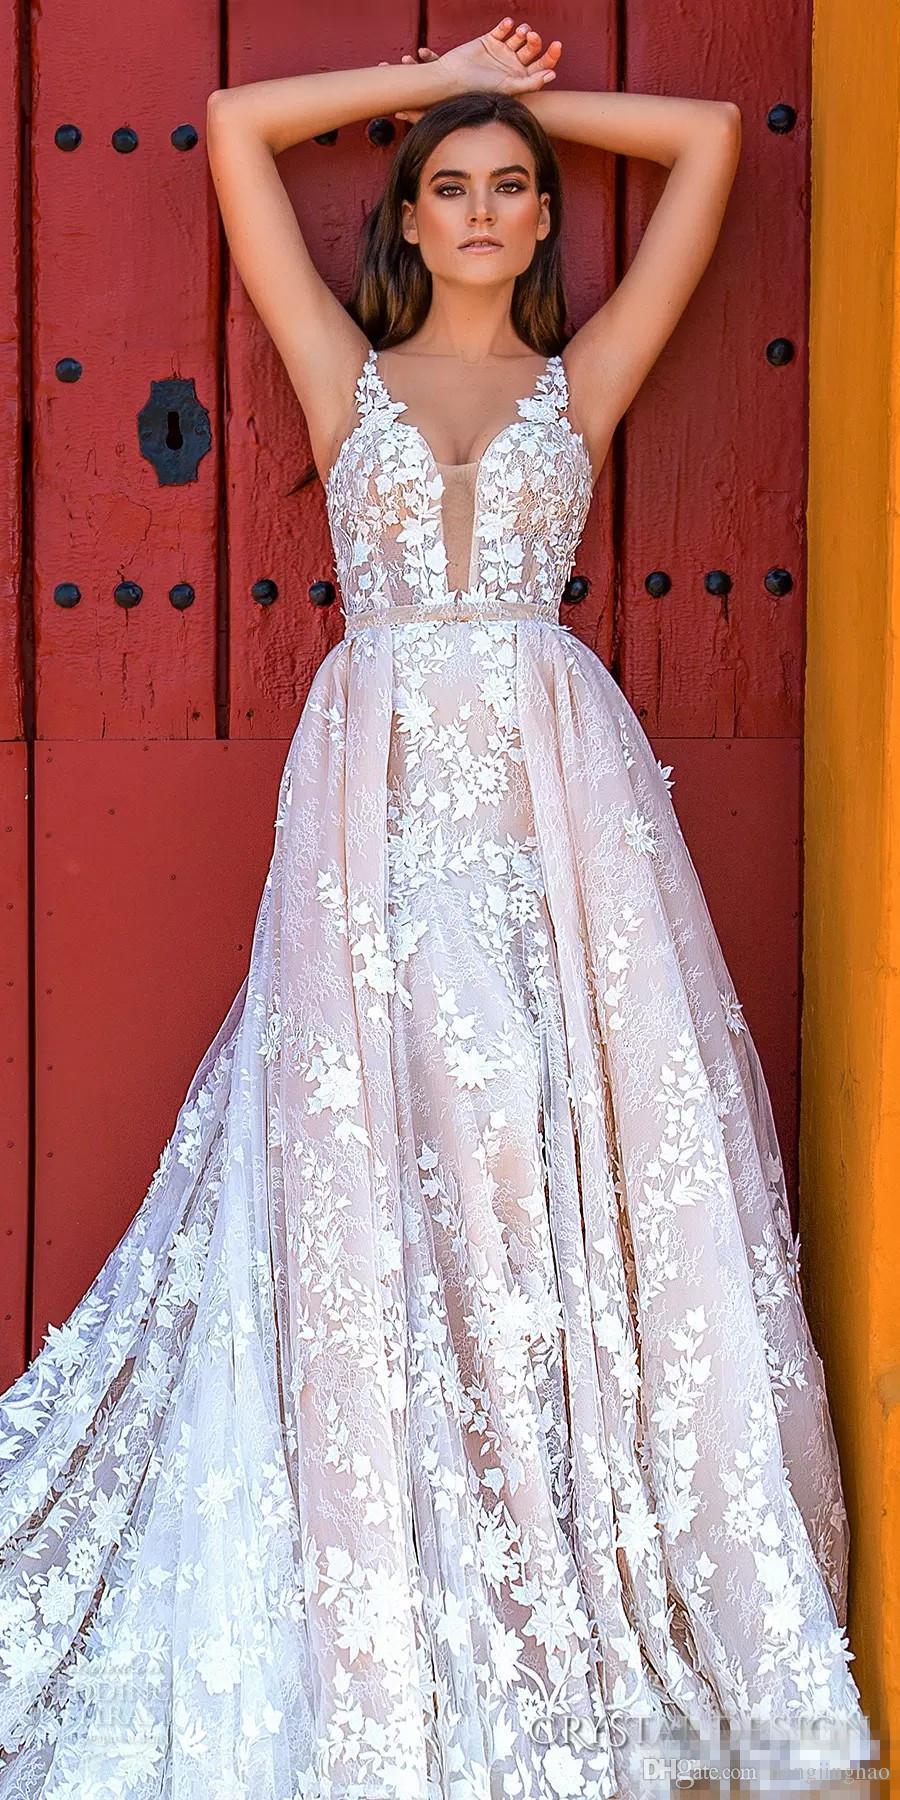 Modeste Champagne Robe dentelle Applique mariée A-ligne v cou tribunal train sans manches Robe de mariée Robes De Novia